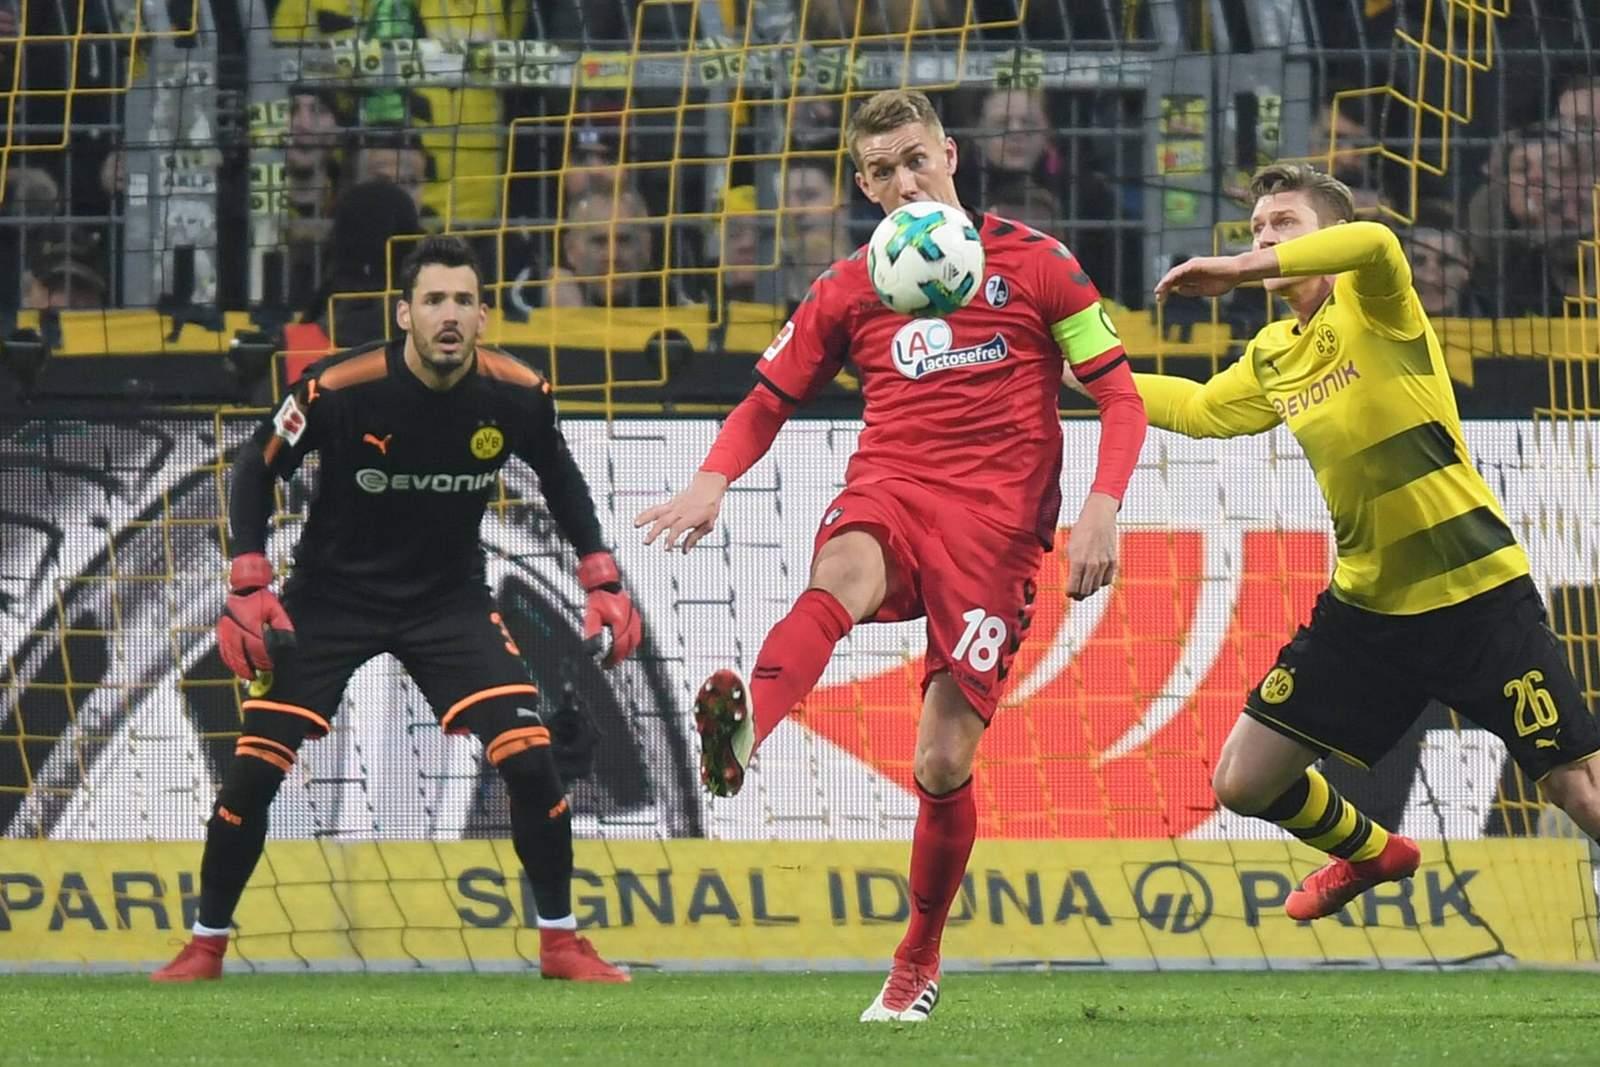 Trifft Petersen gegen Bürki? Jetzt auf BVB gegen Freiburg wetten